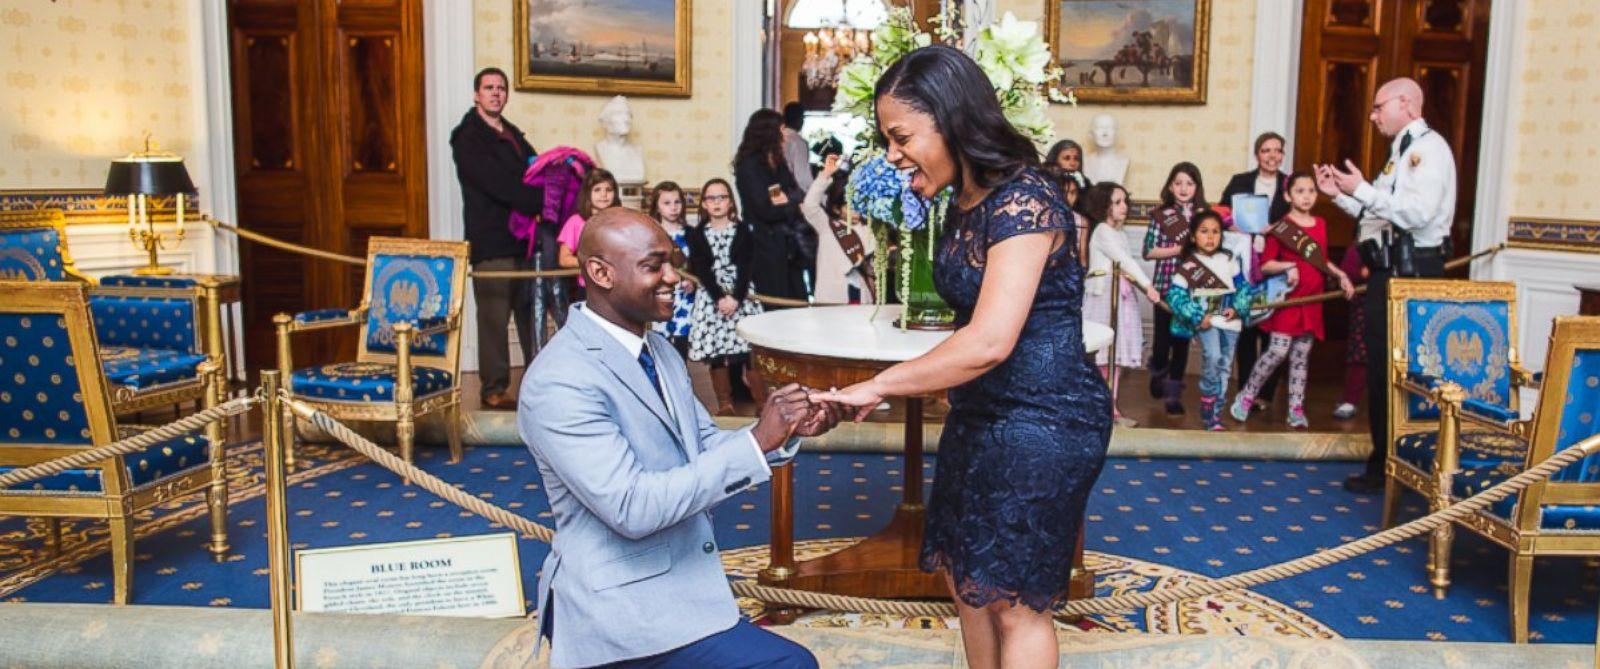 Ngỡ ngàng vì được cầu hôn bất ngờ giữa Nhà Trắng - 1